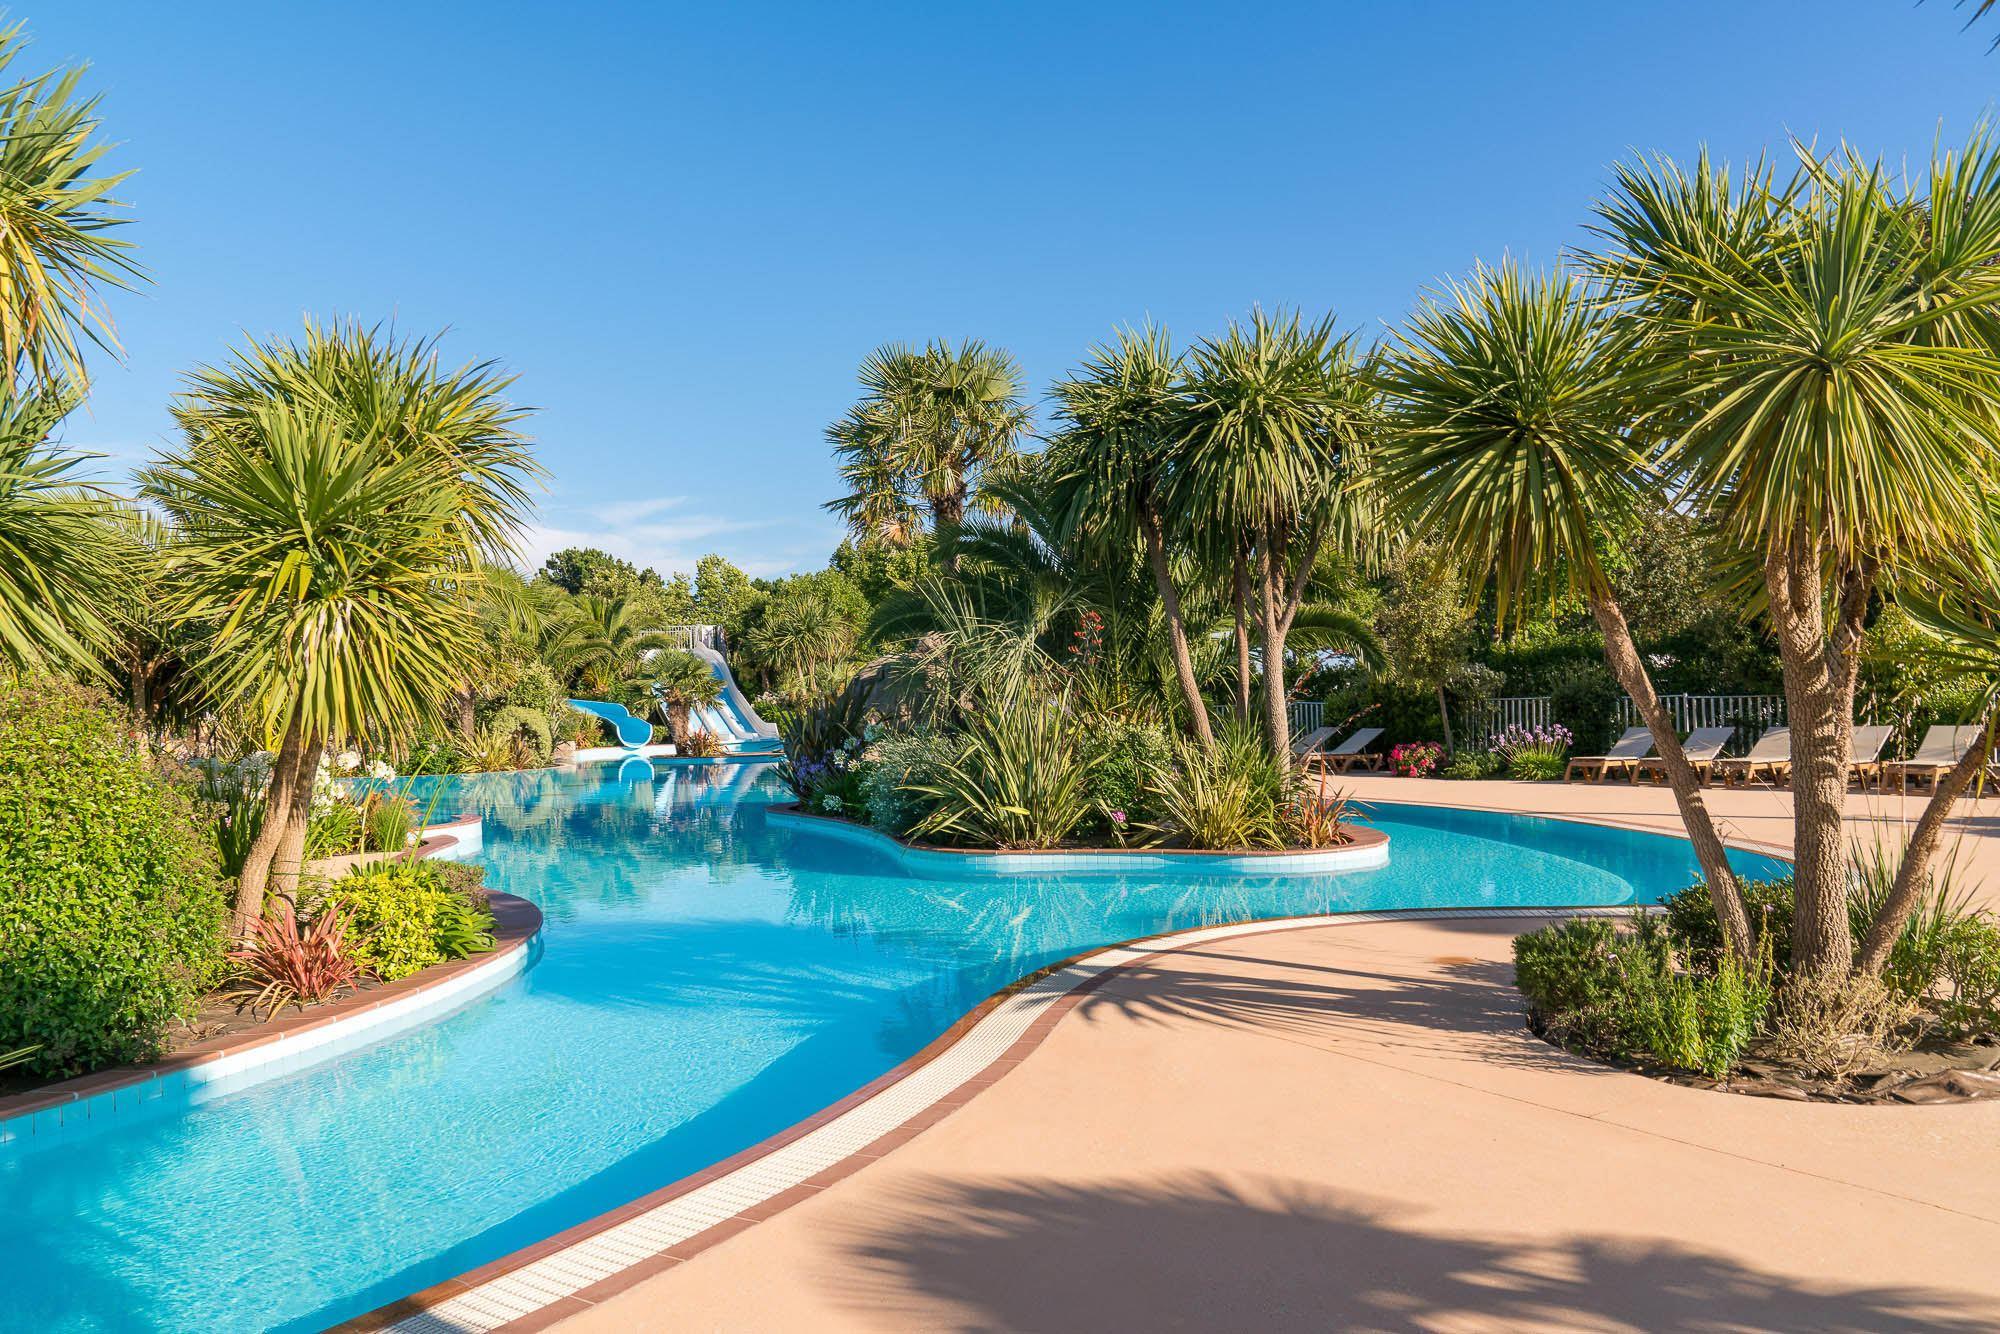 Camping bretagne avec piscine parc aquatique espace for Camping bretagne sud avec piscine couverte